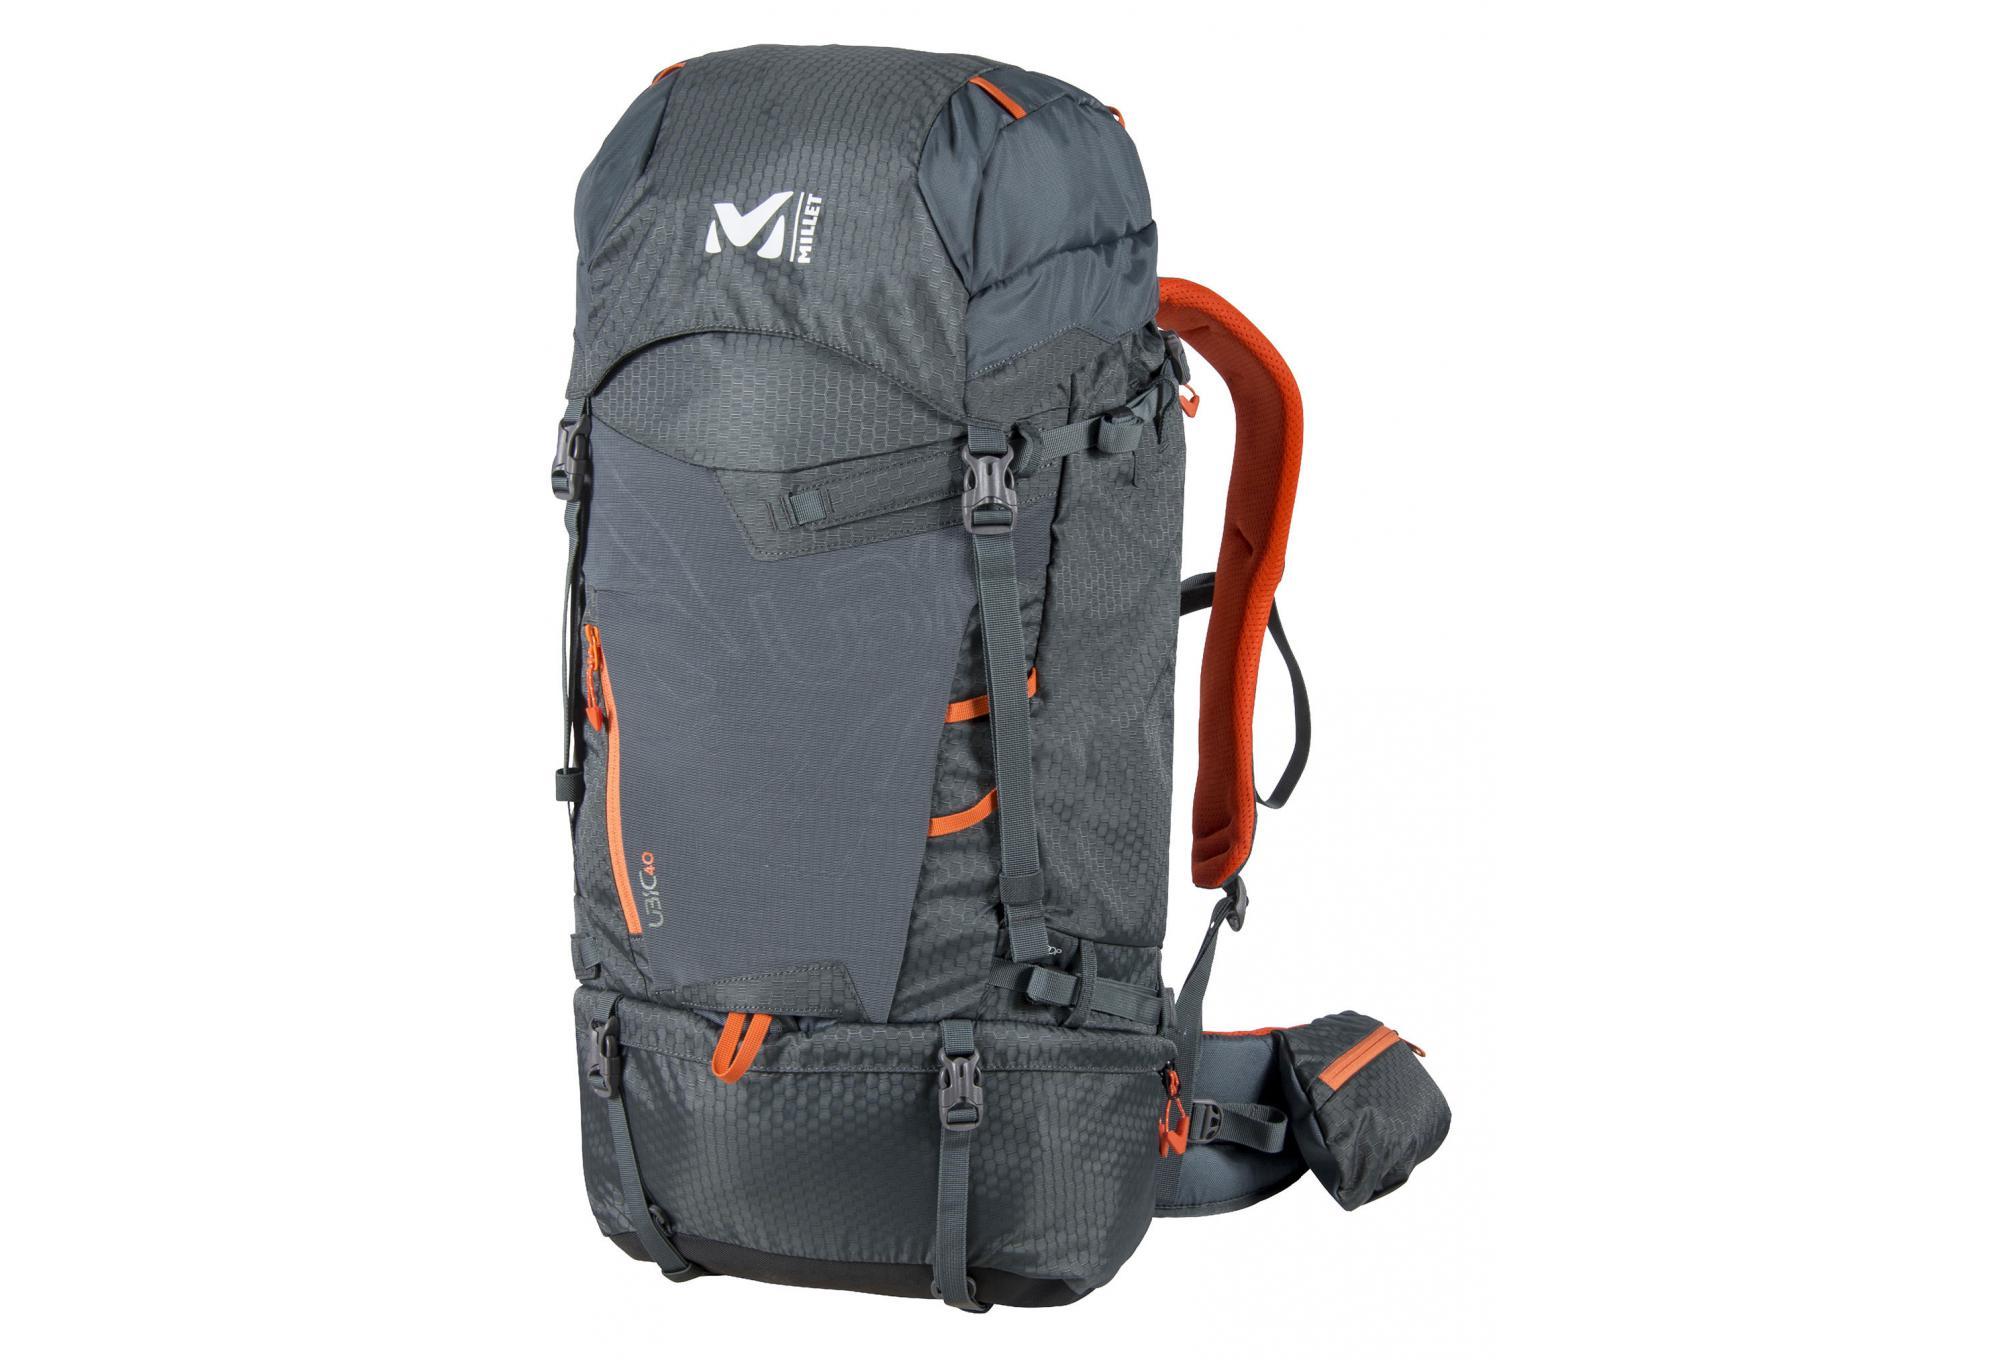 détaillant en ligne 2ddd5 8f543 Millet UBIC 40 Backpack Urban Chic